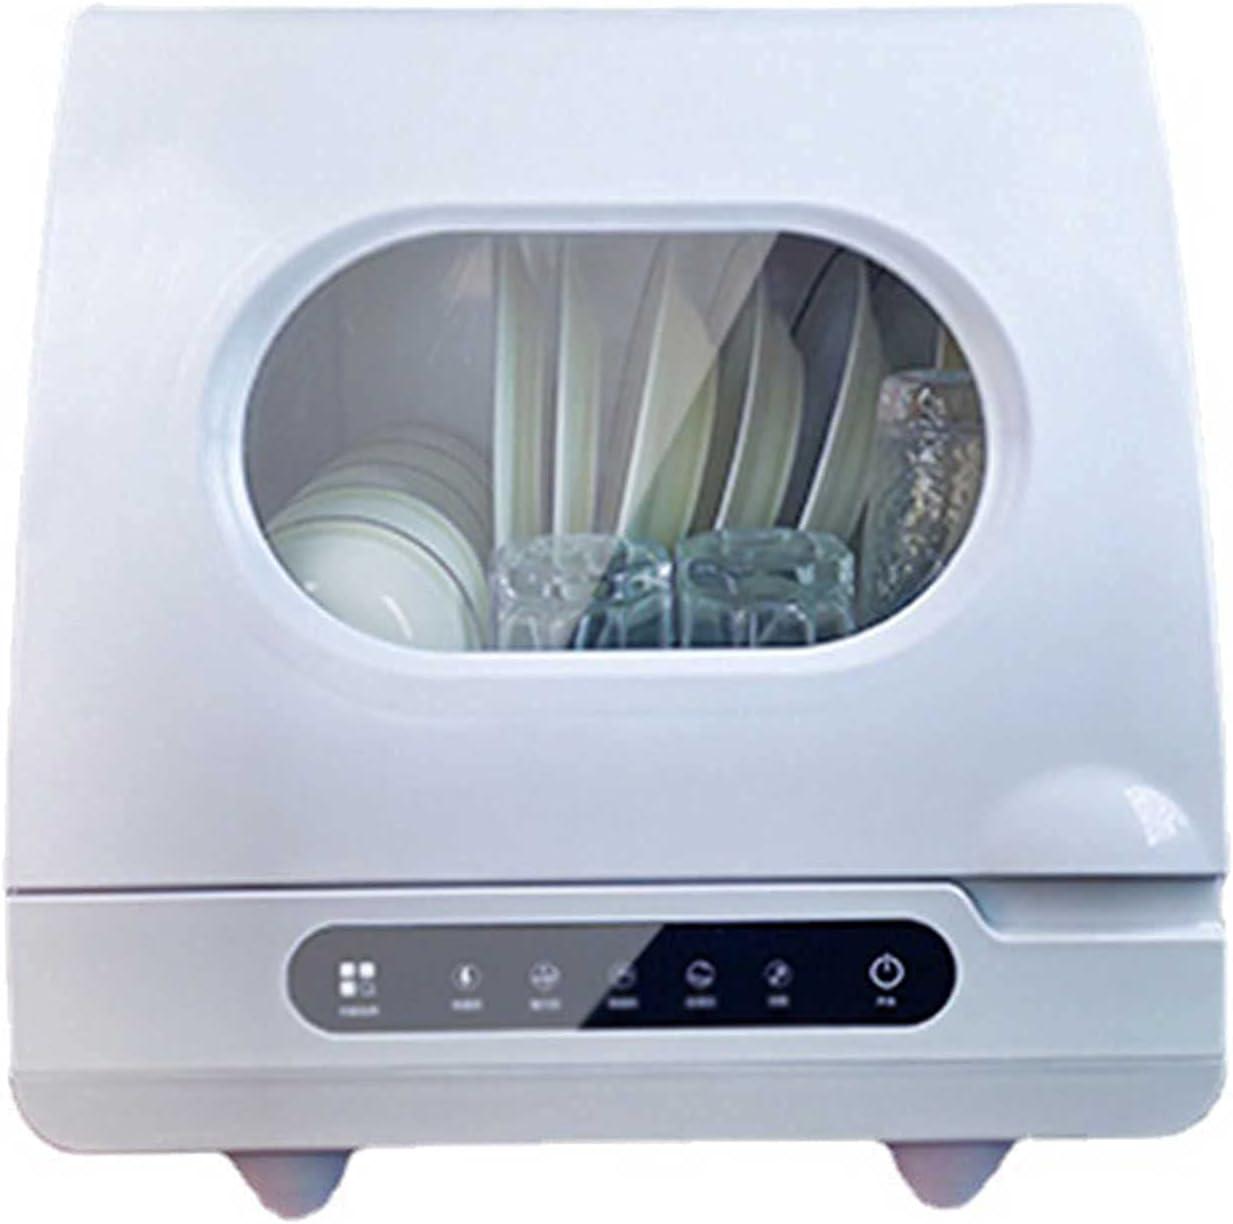 MOSHUO Lavavajillas portátil, pequeño lavavajillas doméstico de encimera con 4 programas de Lavado, Adecuado para Apartamentos pequeños, dormitorios y Casas rodantes (40 x 40 x 41,5 cm)